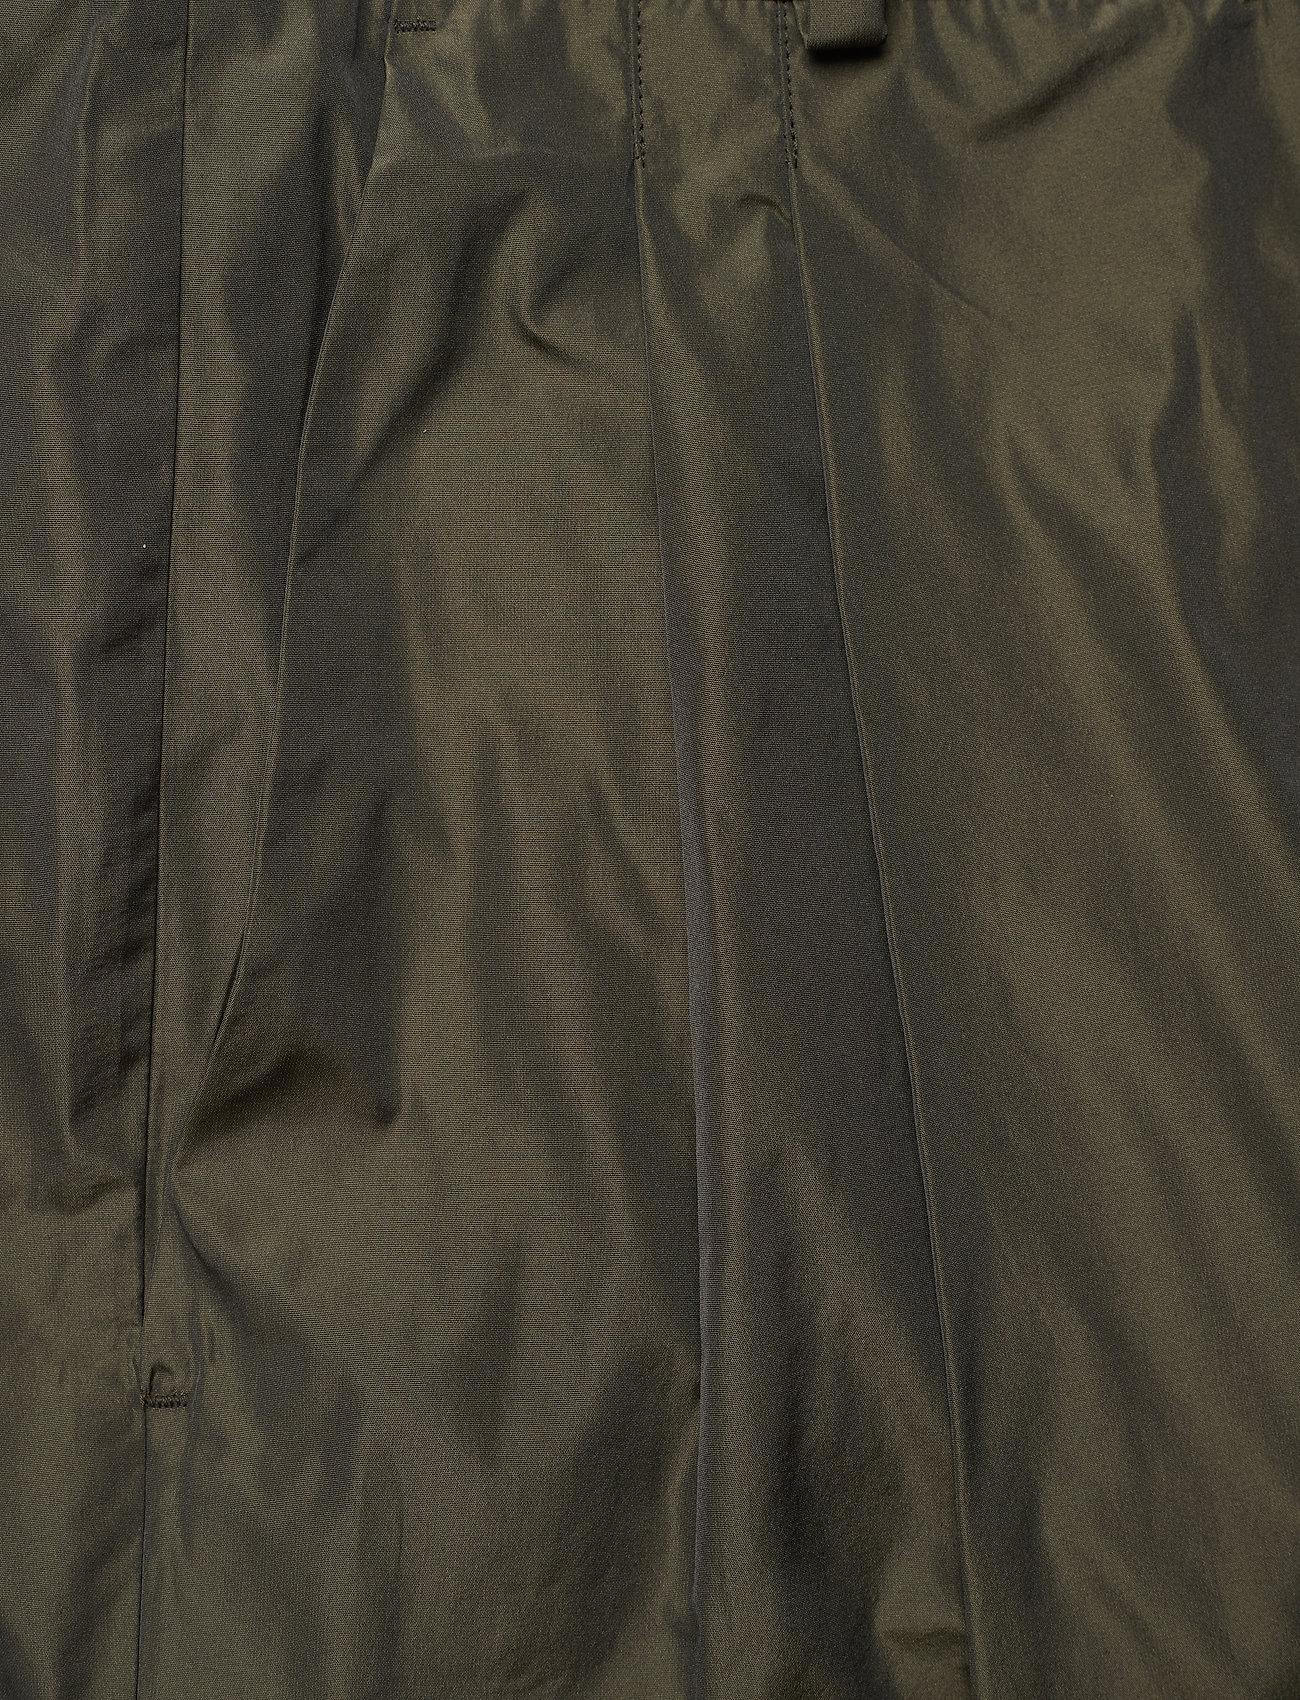 STINE GOYA - Laia, 924 Taffeta - bukser med lige ben - seaweed green - 4